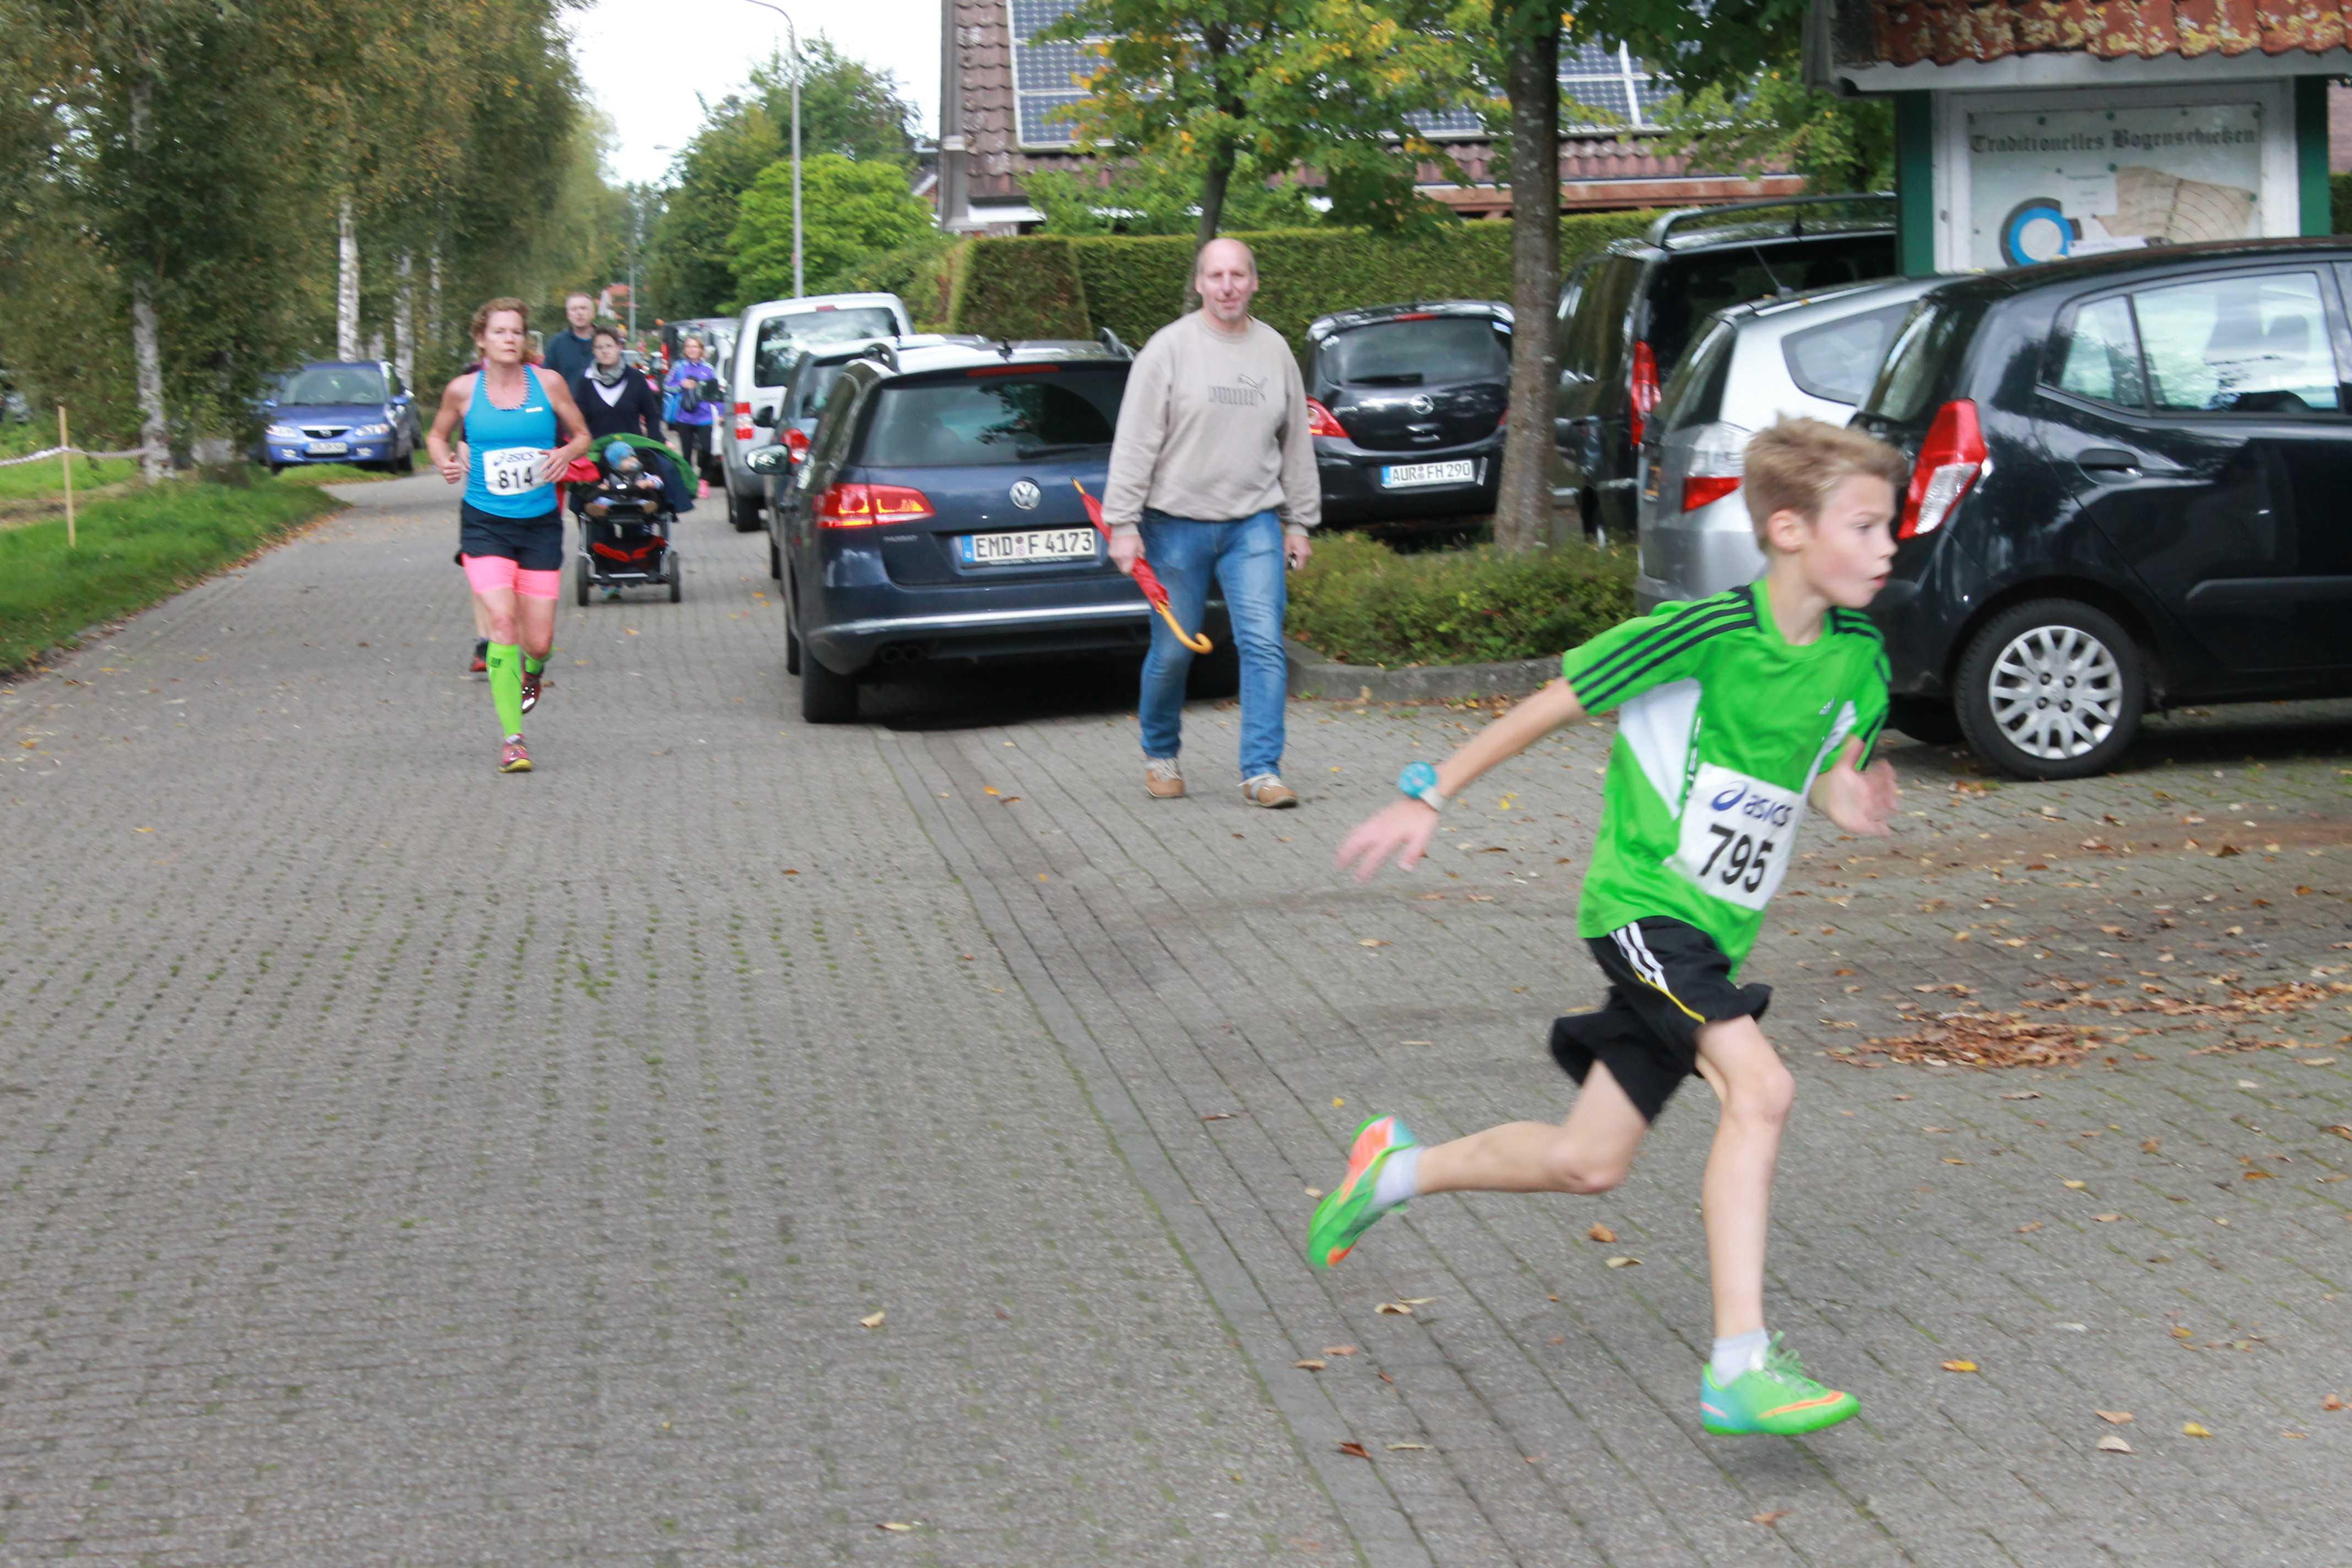 2015-09-26 Vezi Lauf (20)